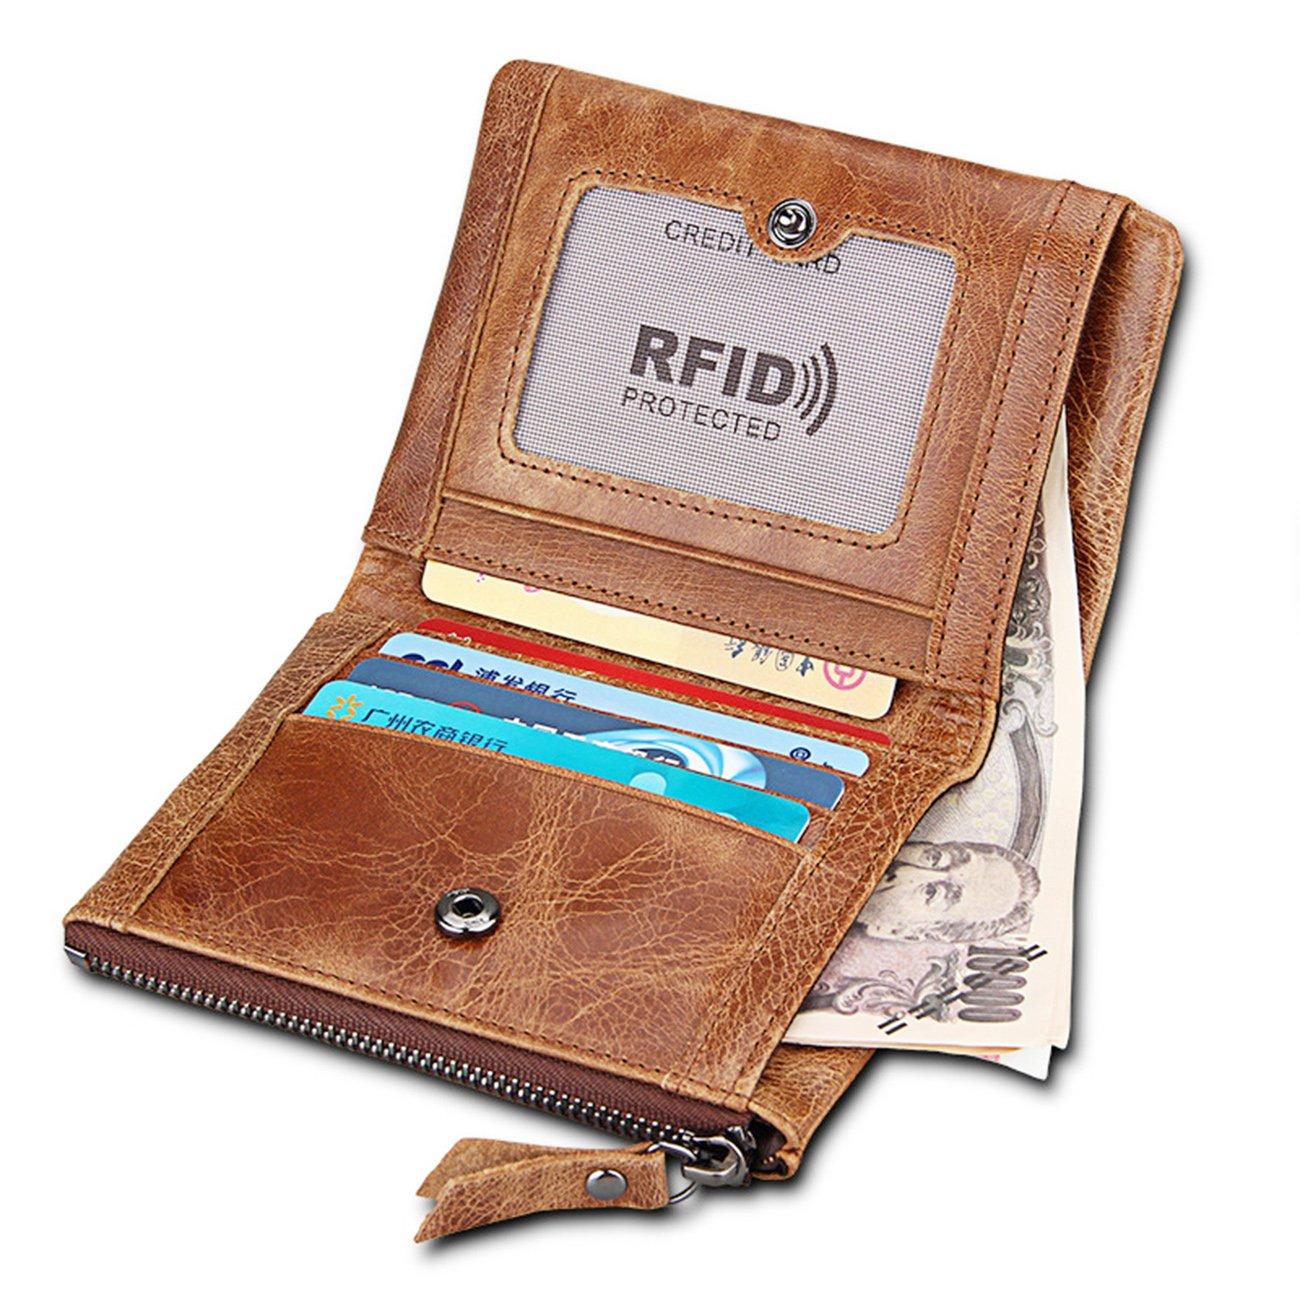 4f77f1a9e9de Wallet for Men Portefeuille Homme avec Blocage RFID Cuir   Porte-Monnaie  Classique, Porte-cartes Format ...